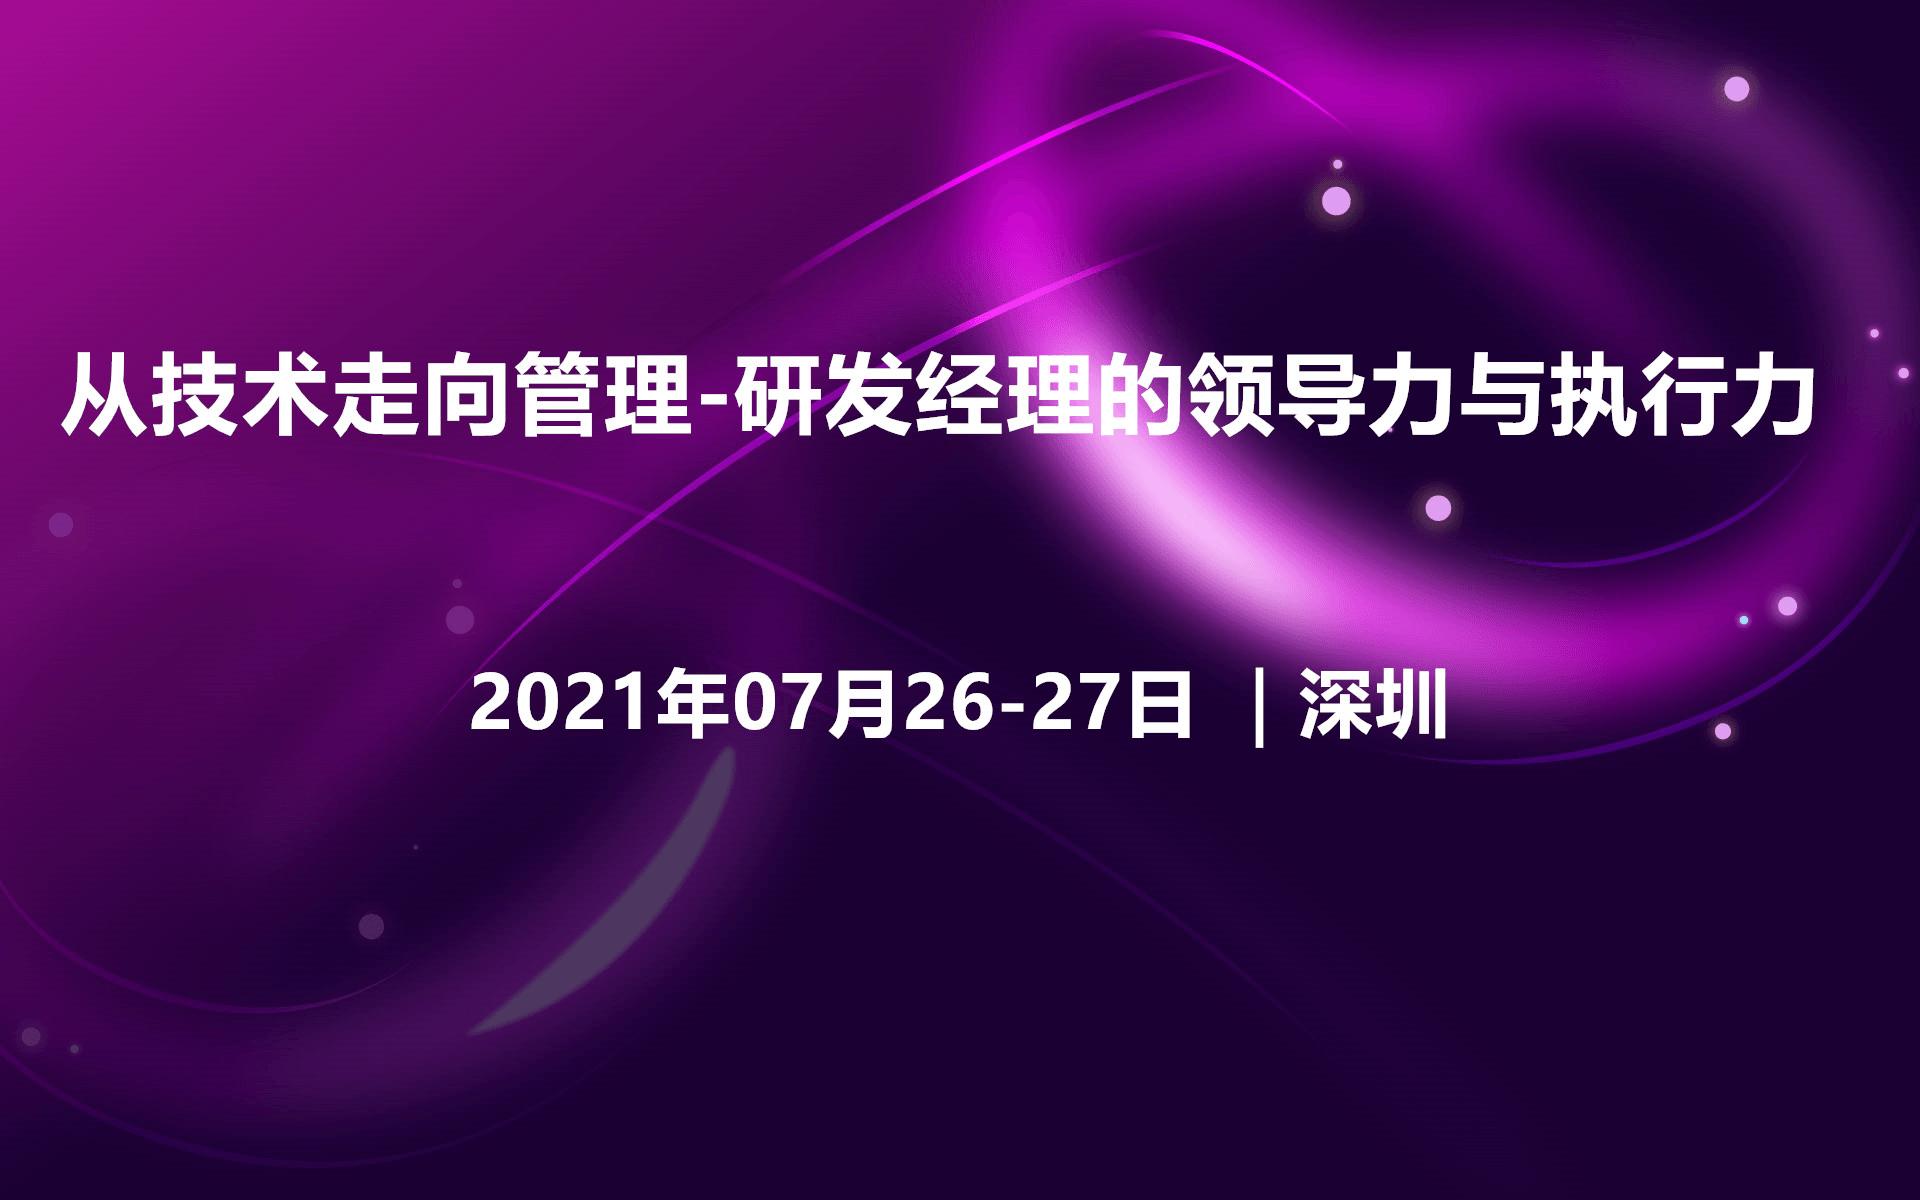 2021年从技术走向管理-研发经理的领导力与执行力(深圳07月培训班)